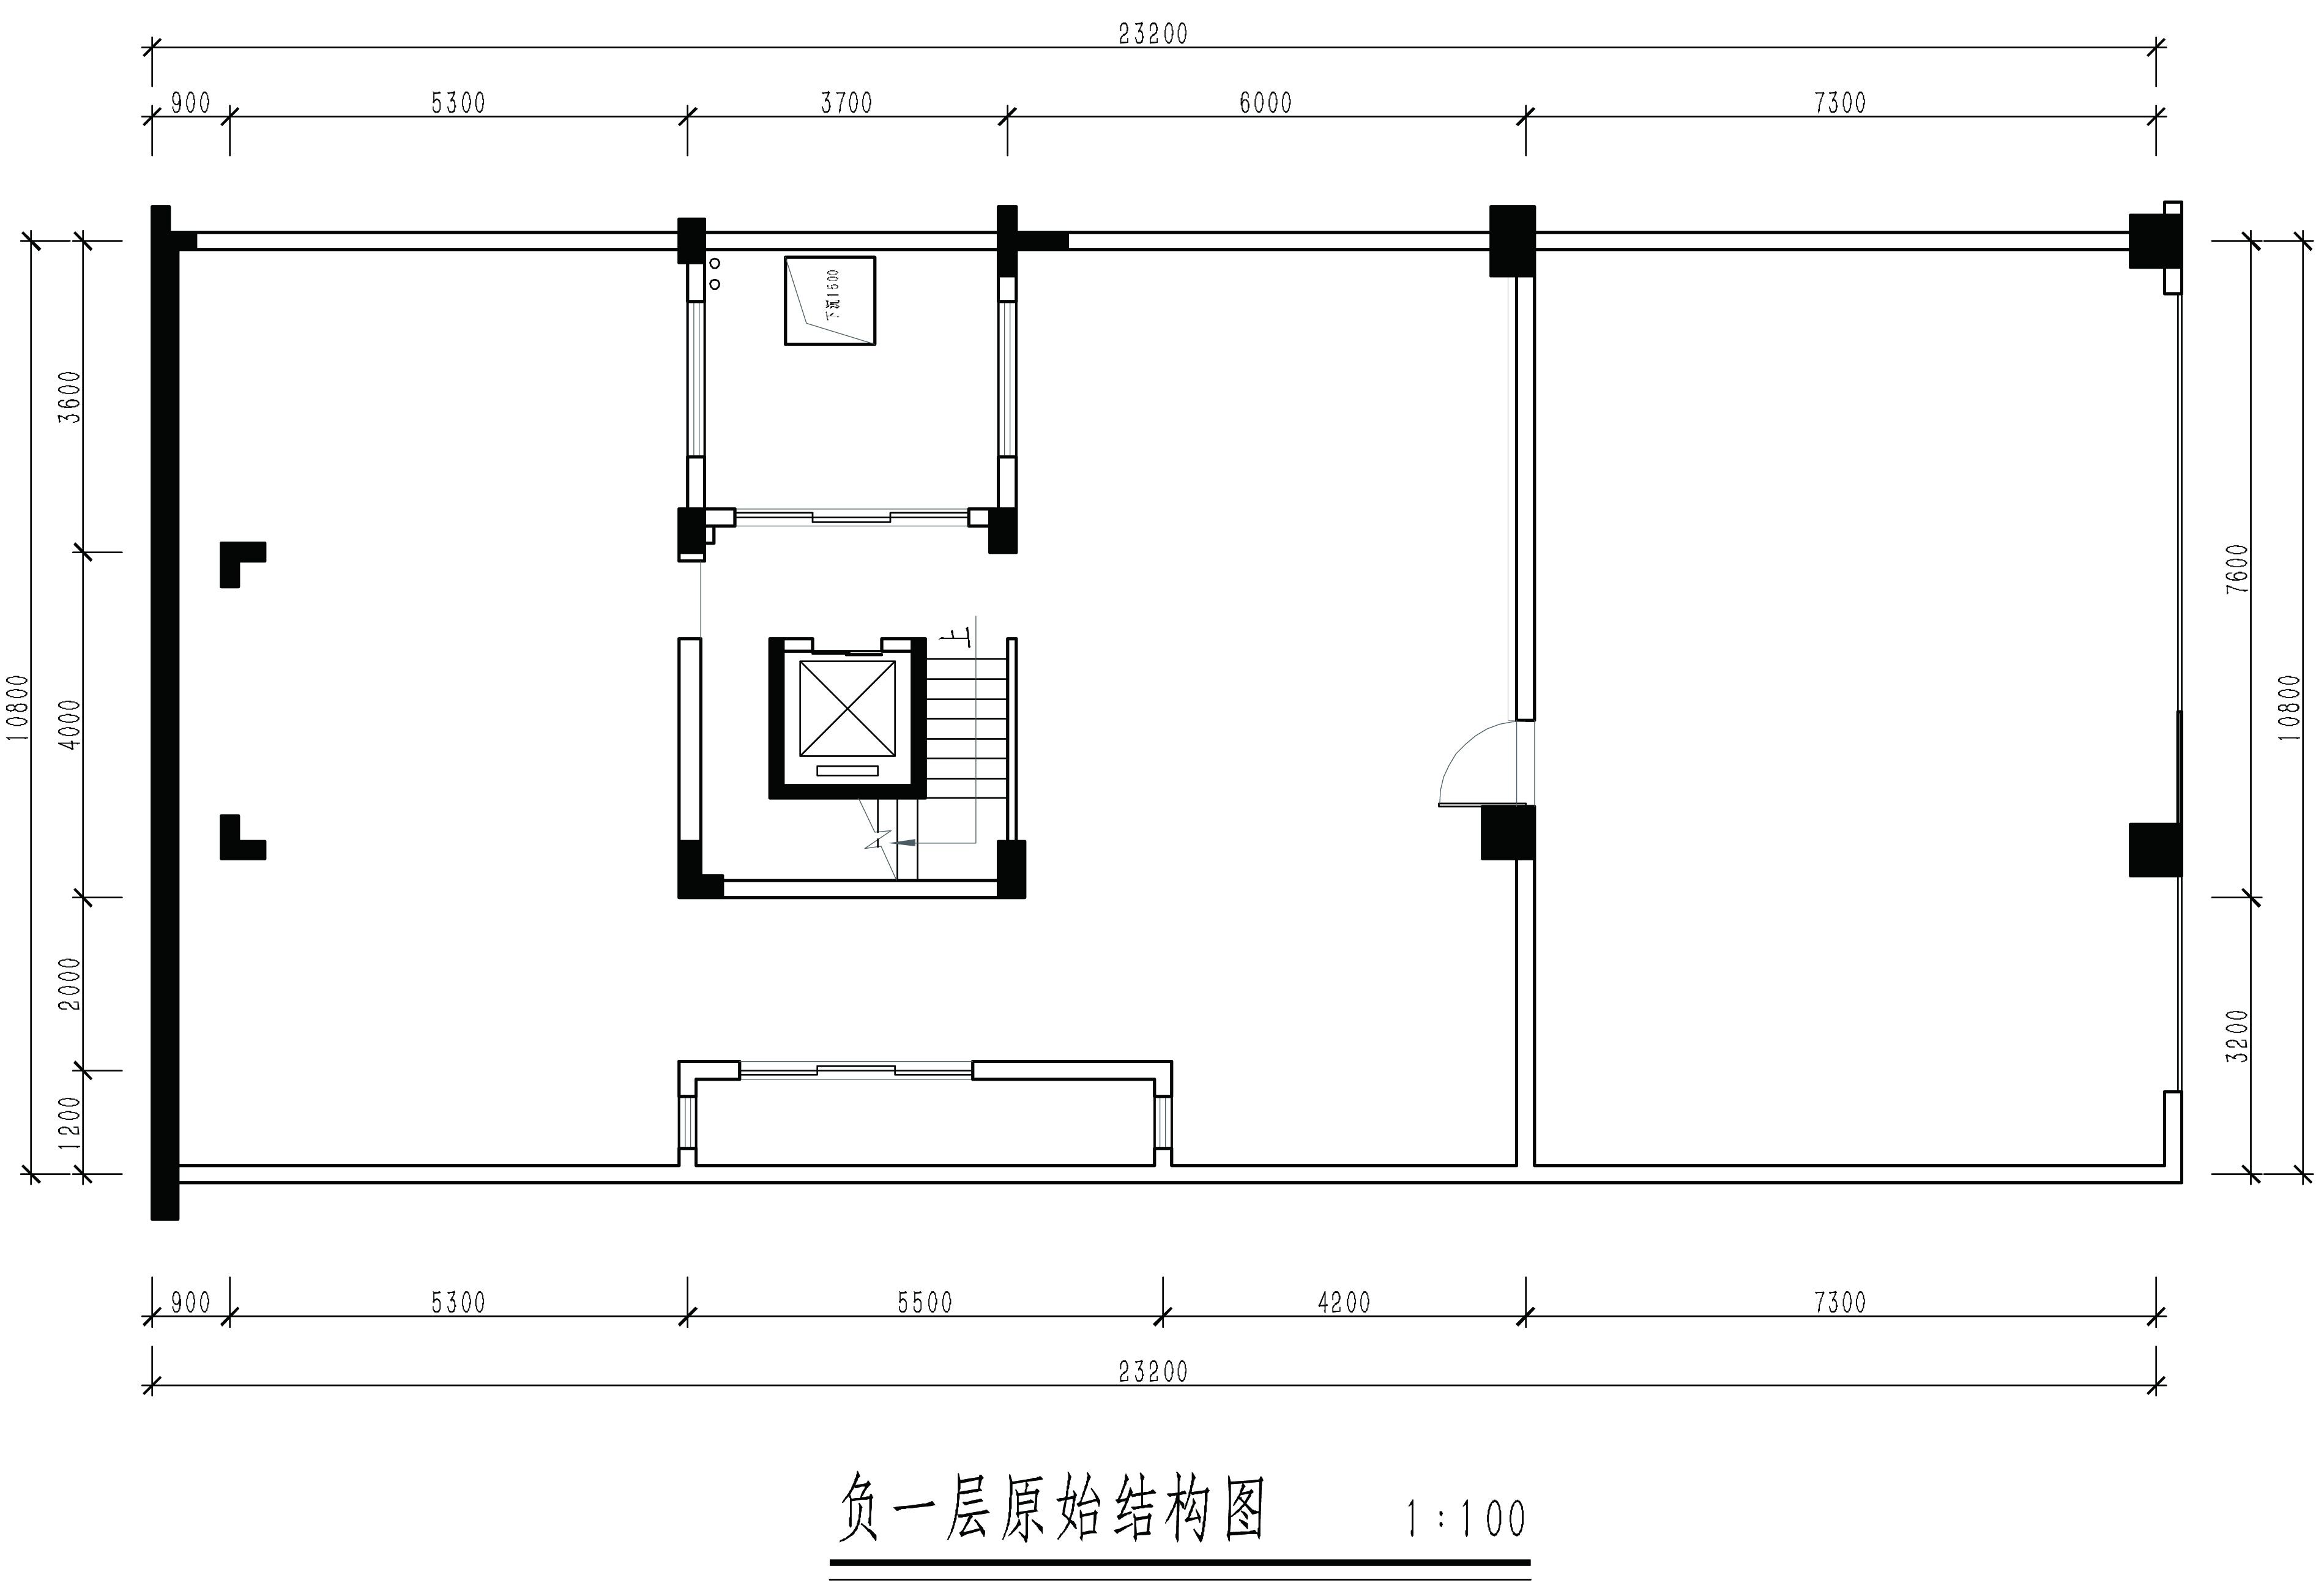 御景水岸 新中式风格装修效果图 700平别墅设计装修设计理念